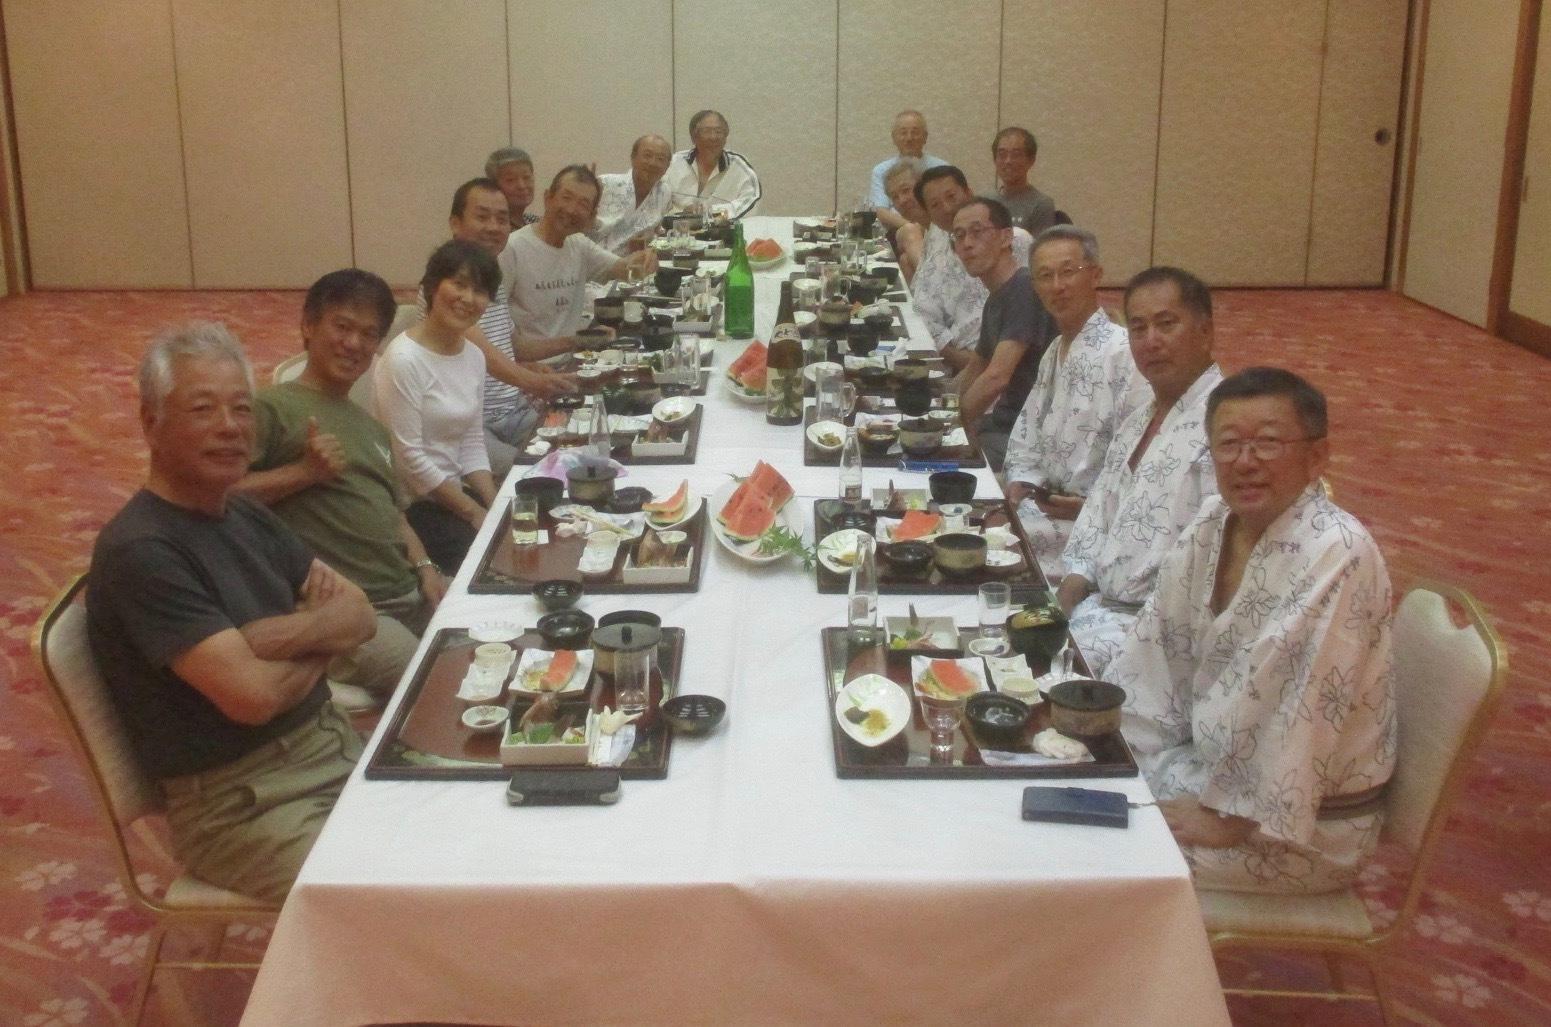 新潟県十日町市でのフライト会に参加 その3_e0146402_06543645.jpg